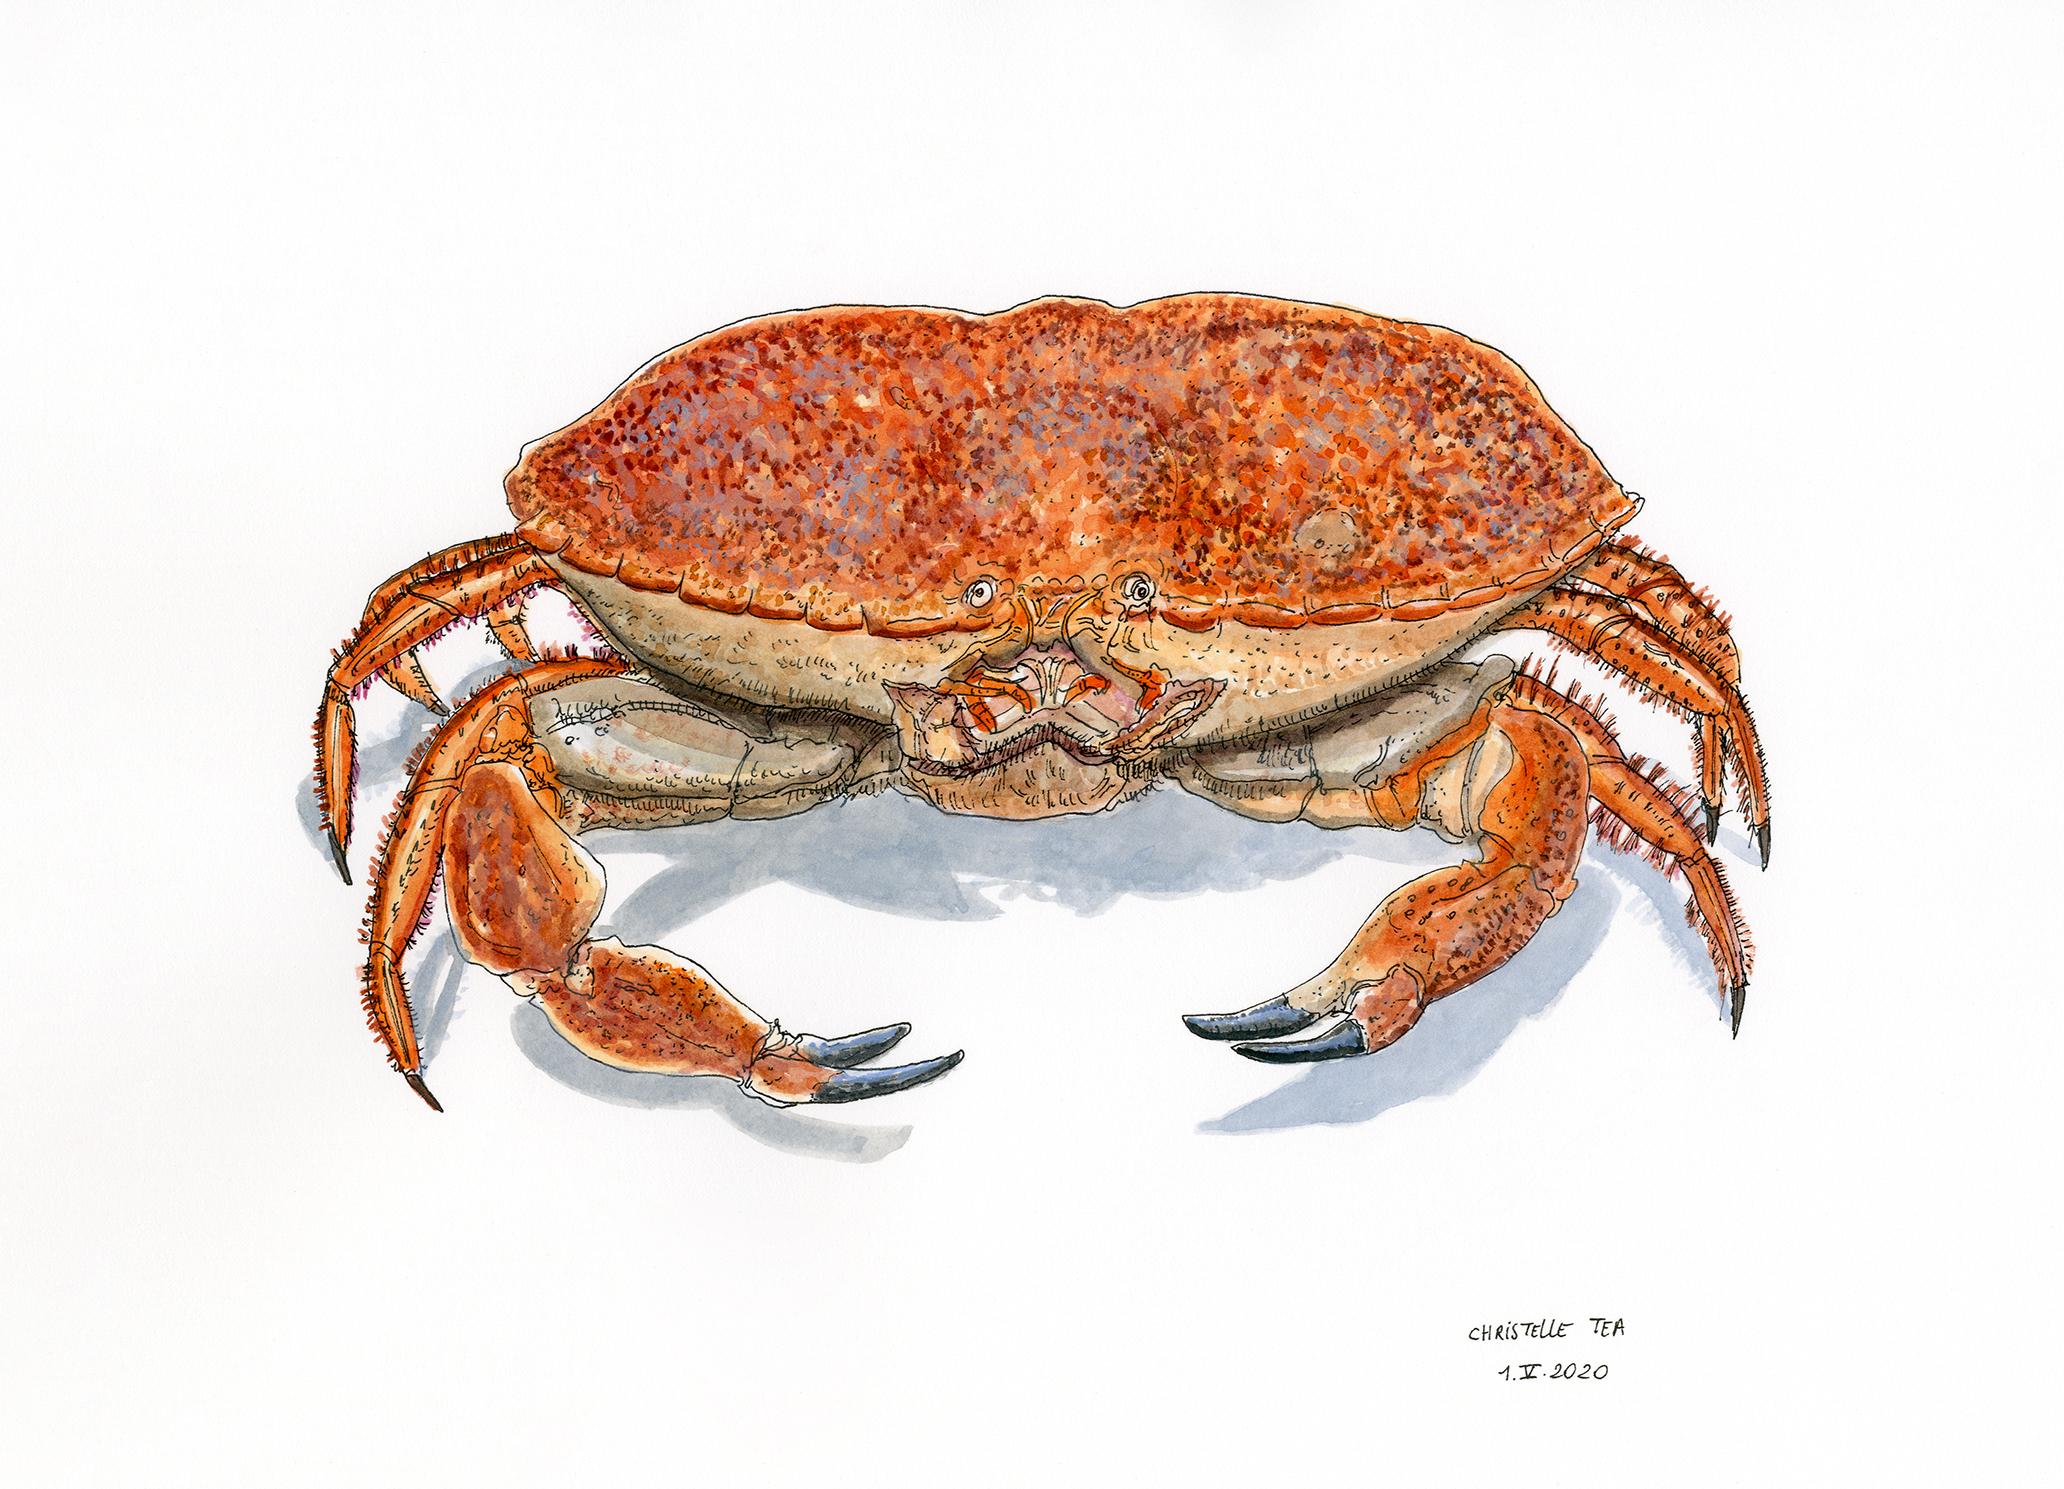 Crabe cuit, 1.V.2020. Encre de Chine et aquarelle sur papier, 26 x 36 cm. Collection particulière.